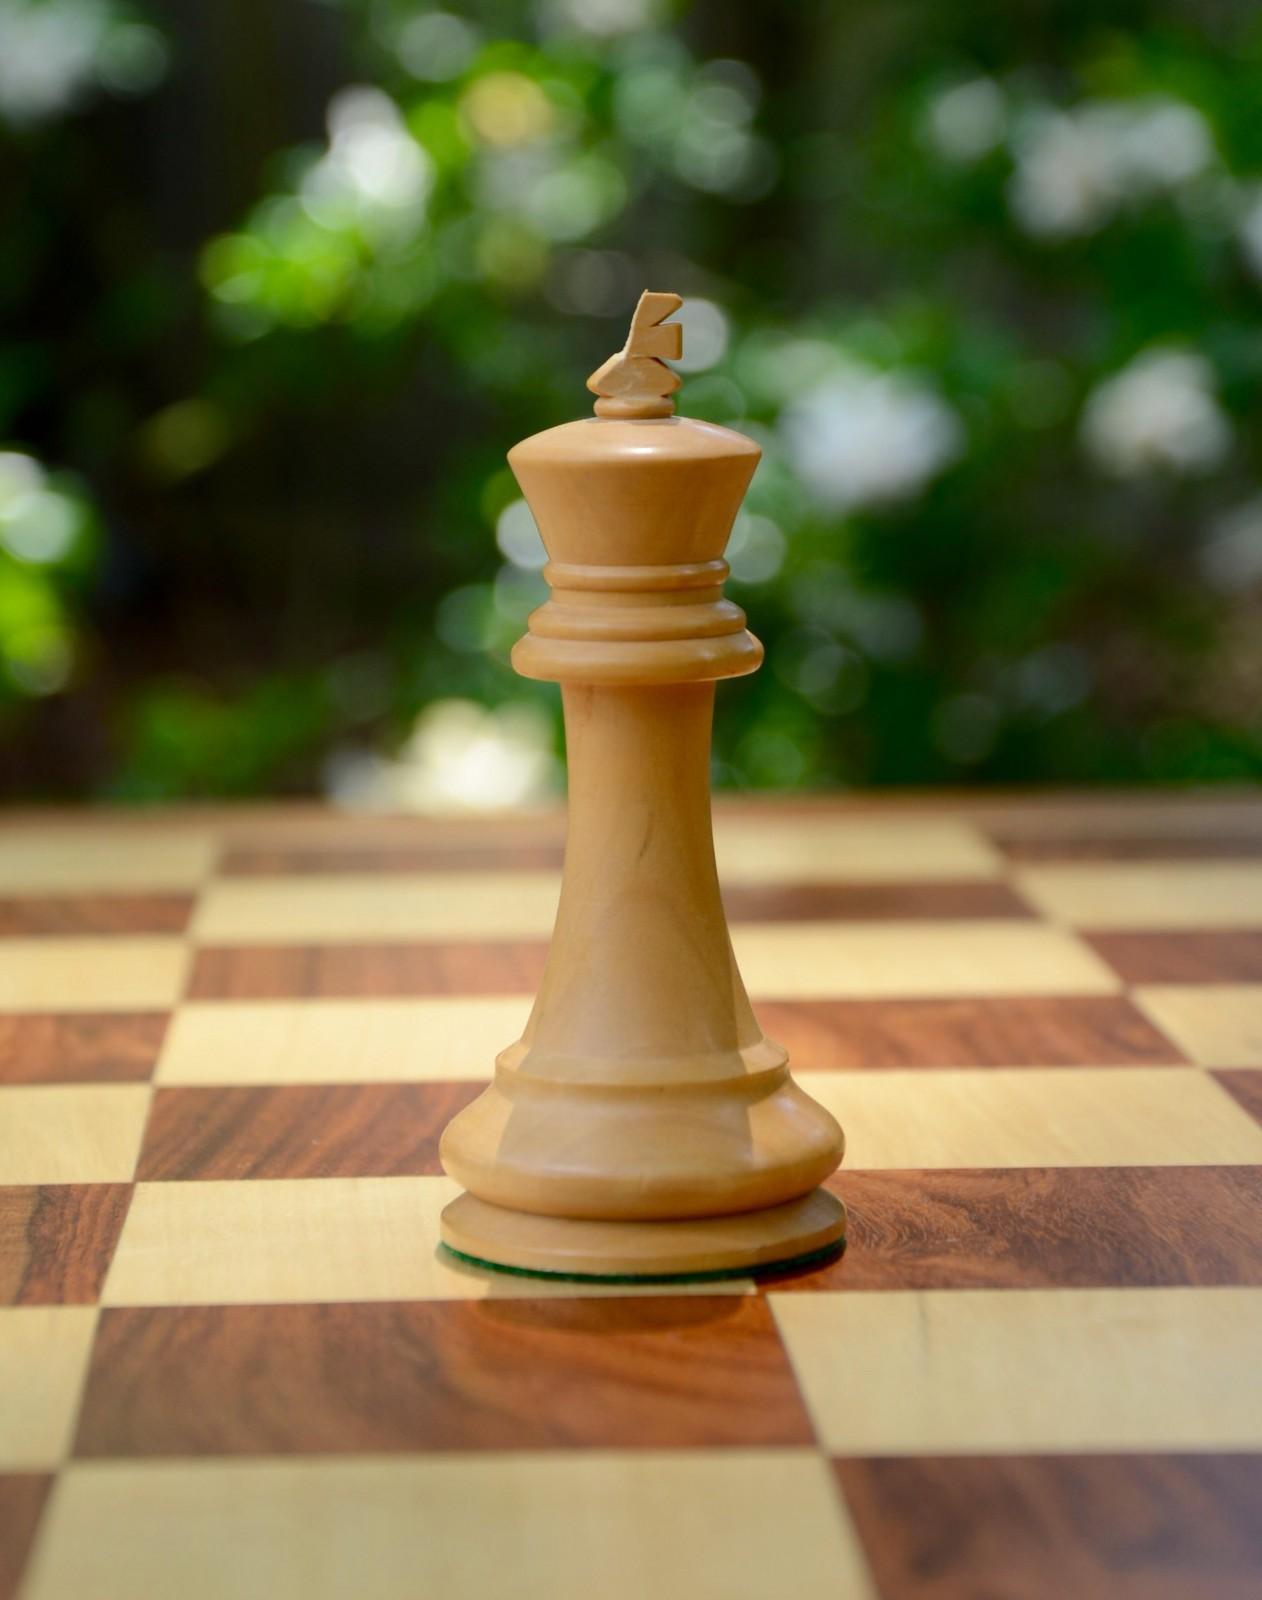 фото шахматной ладьи без доски ищете